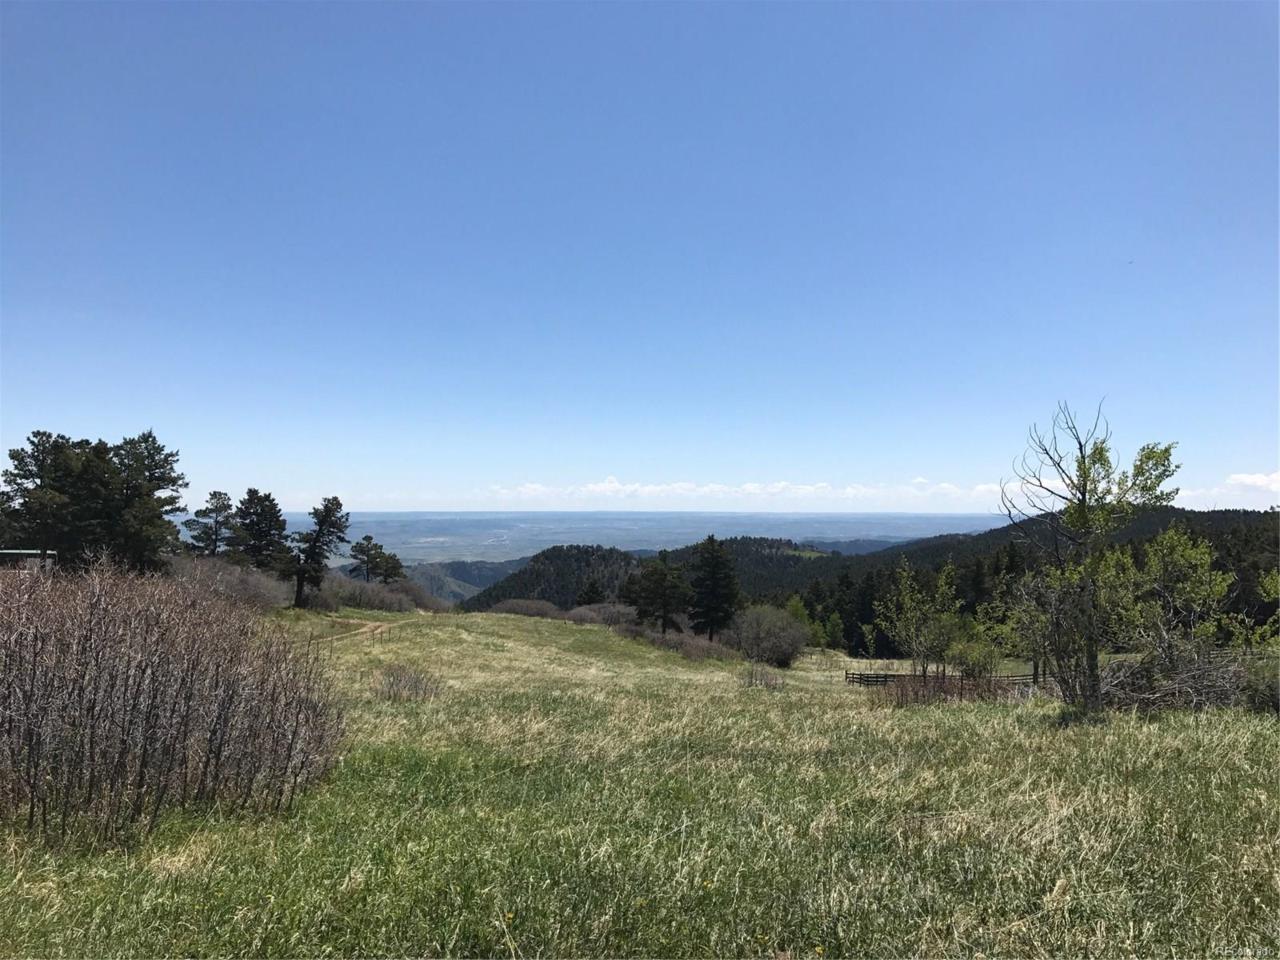 13880 N Trail Circle, Littleton, CO 80127 (MLS #4219617) :: 8z Real Estate